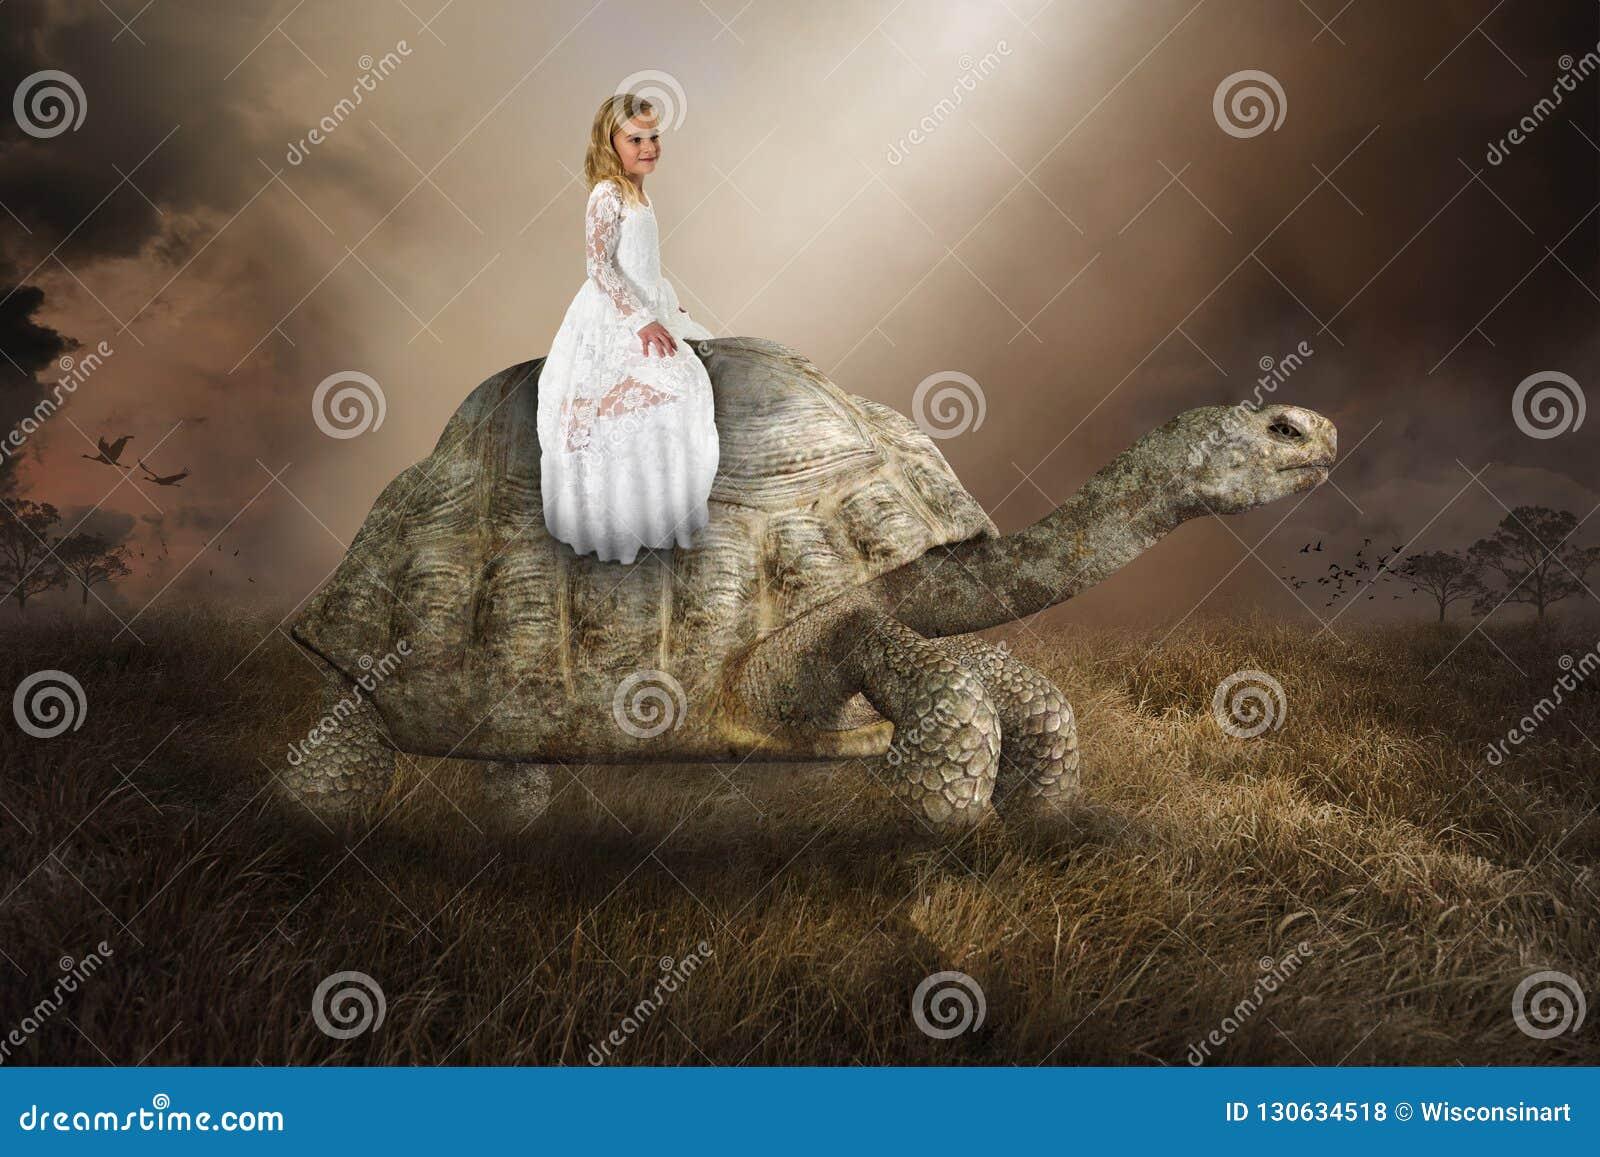 Fille surréaliste, tortue, tortue, nature, paix, amour